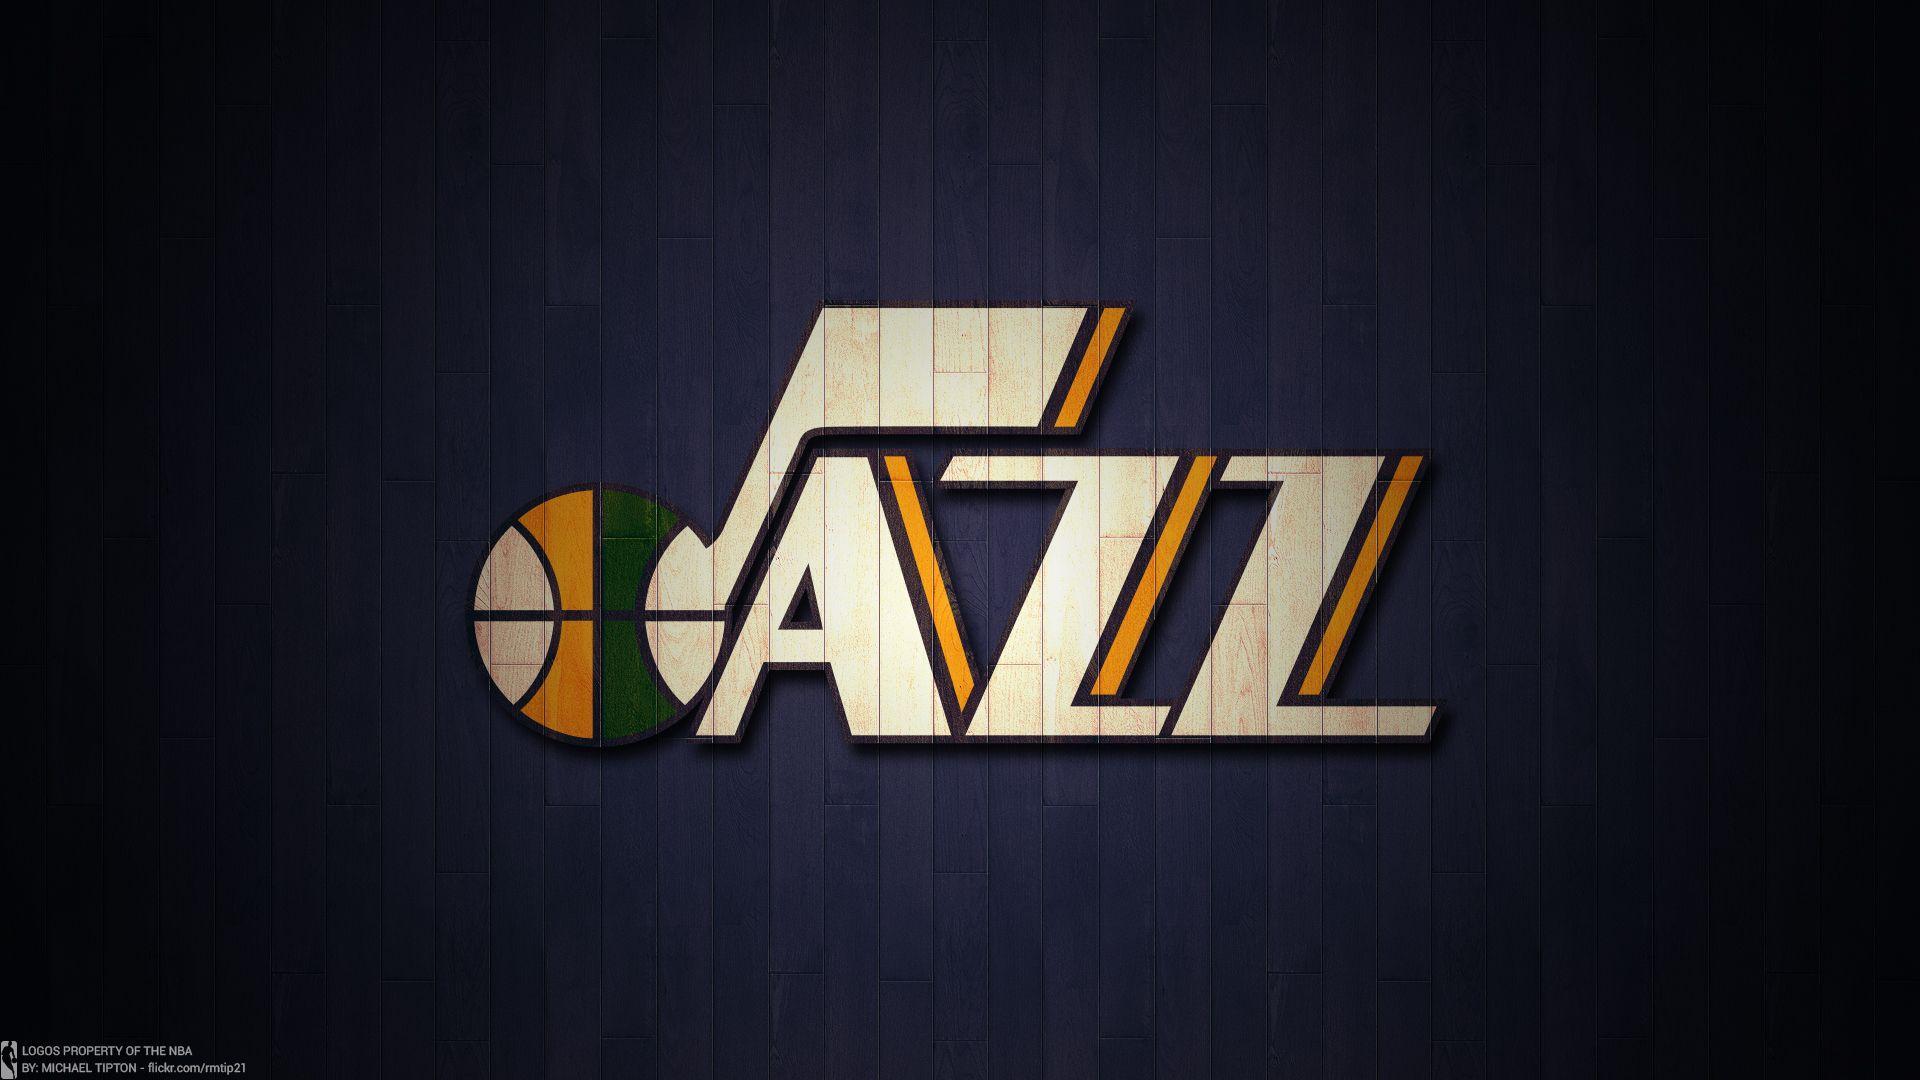 Utah Jazz Wallpapers - Wallpaper Cave